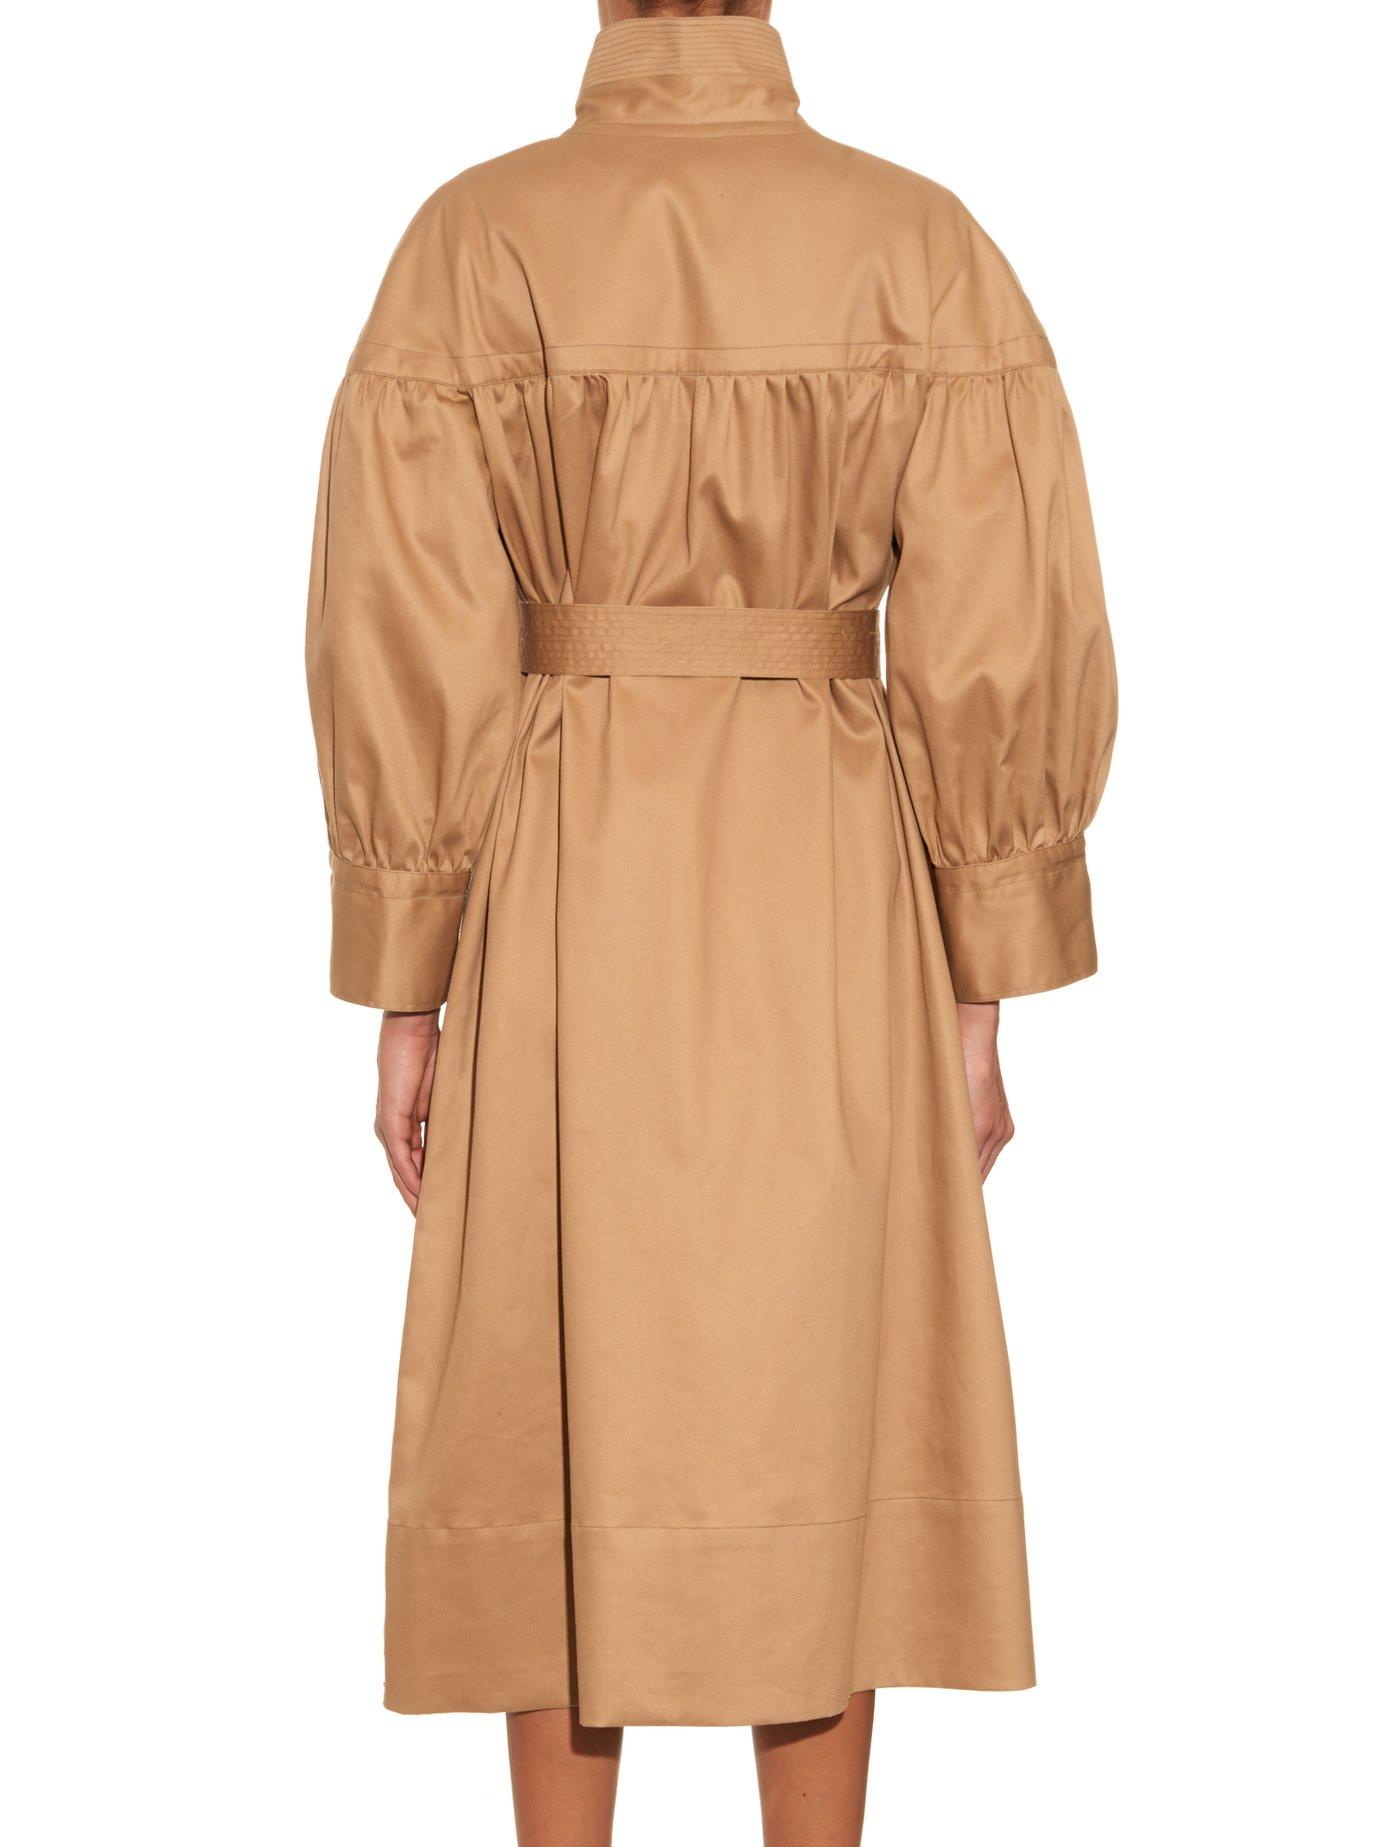 Photo of Painter single-breasted cotton coat by Mafalda Von Hessen - shop Mafalda Von Hessen jackets and coats sales